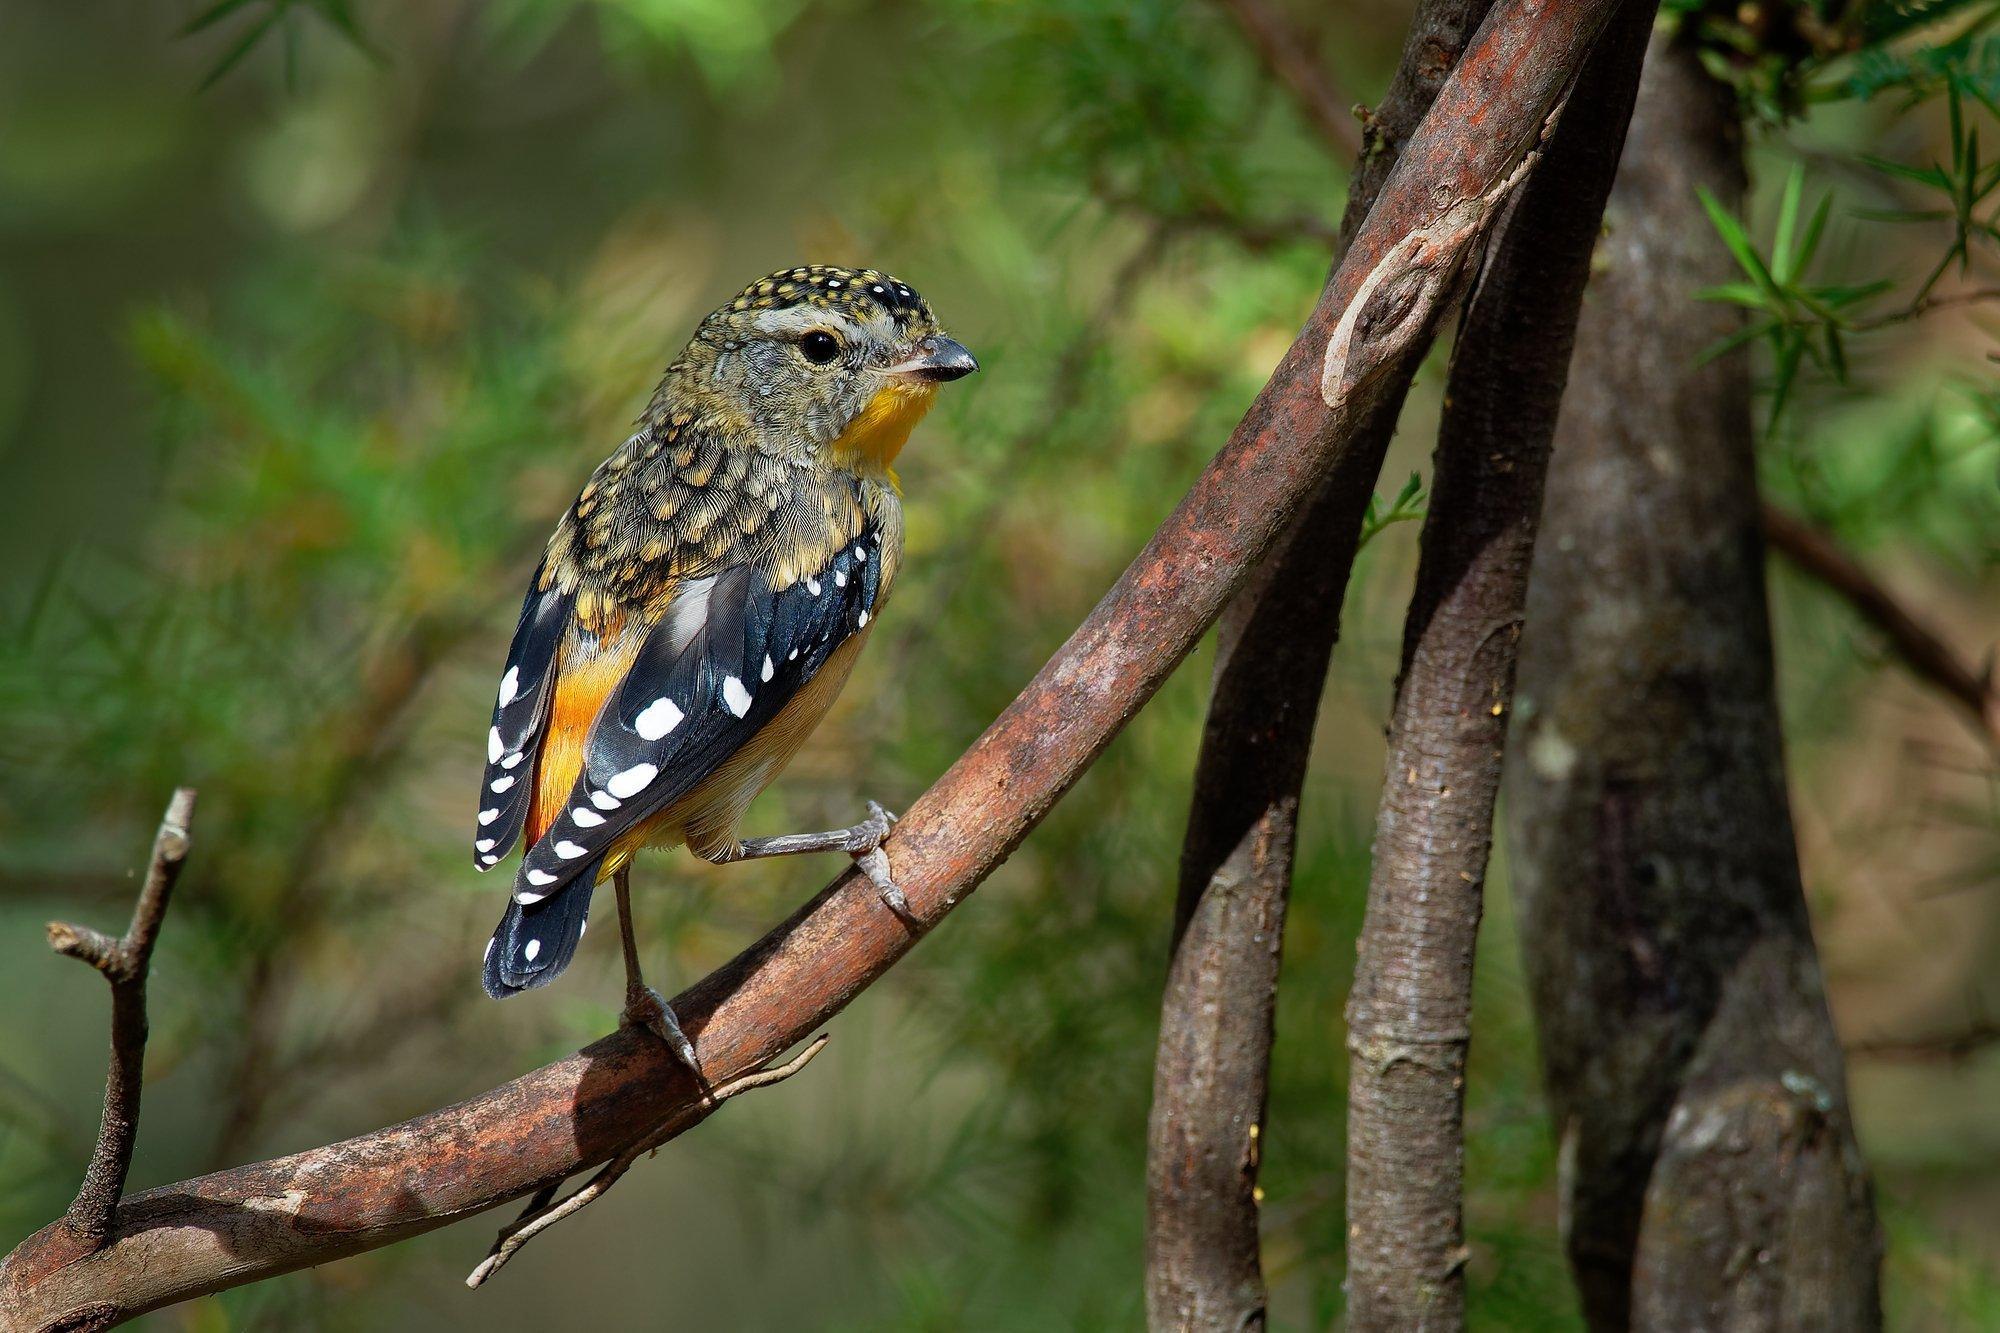 Ein Fleckenpanthervogel (Pardalotus punctatus) sitzt auf einem Ast.